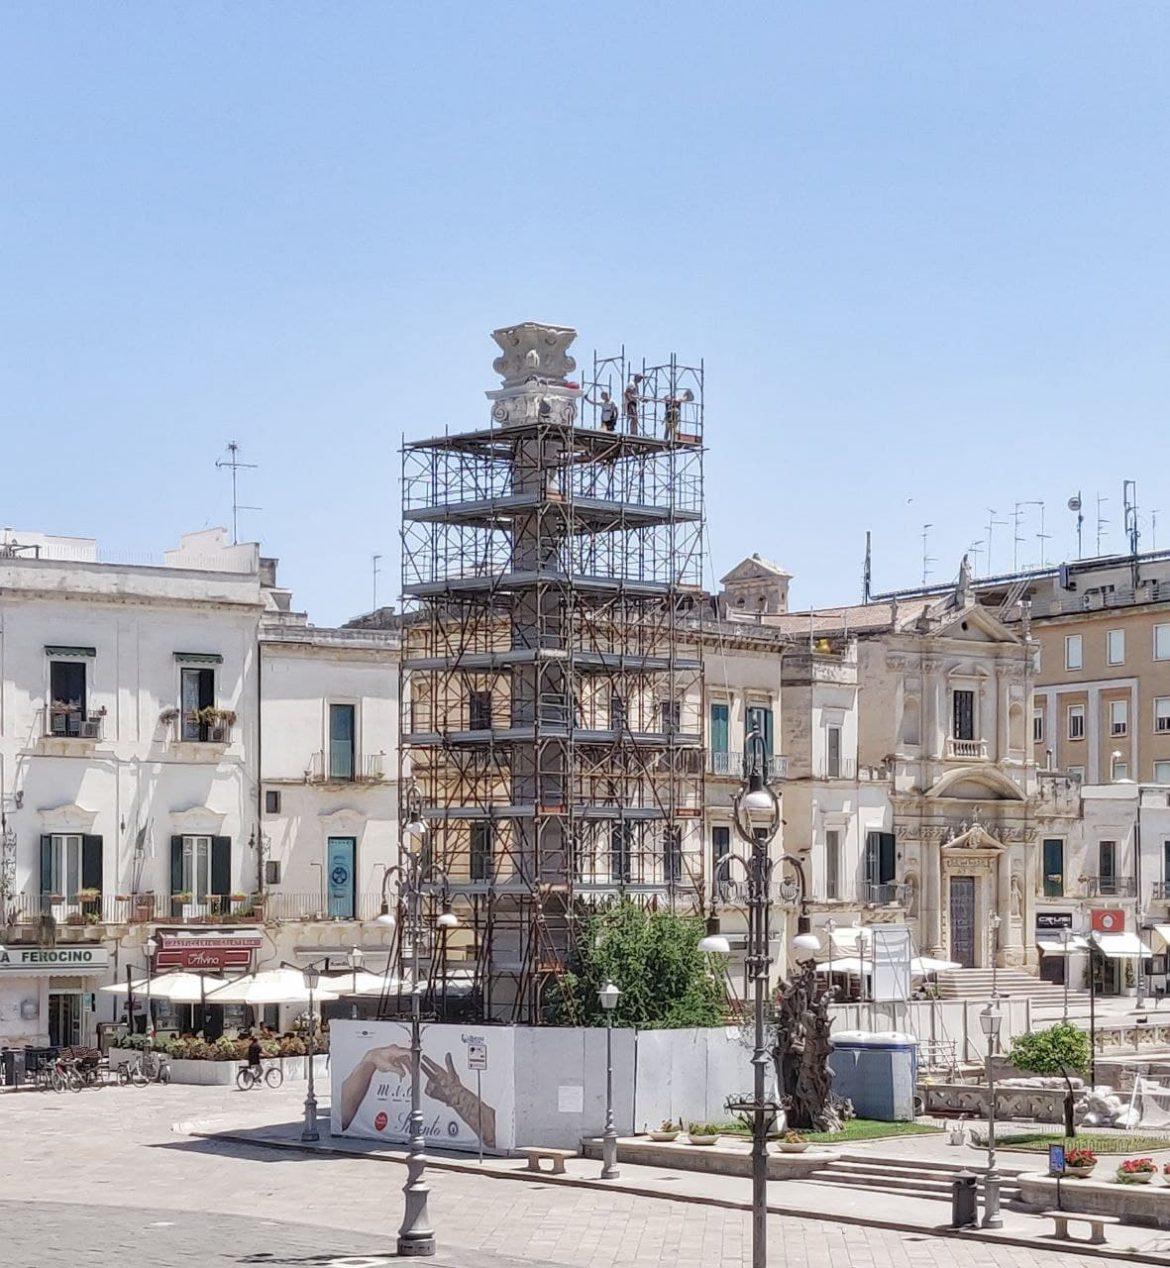 Colonna di piazza sant'Oronzo, via le impalcature ma non le polemiche. Sull'asse Lecce-Brindisi